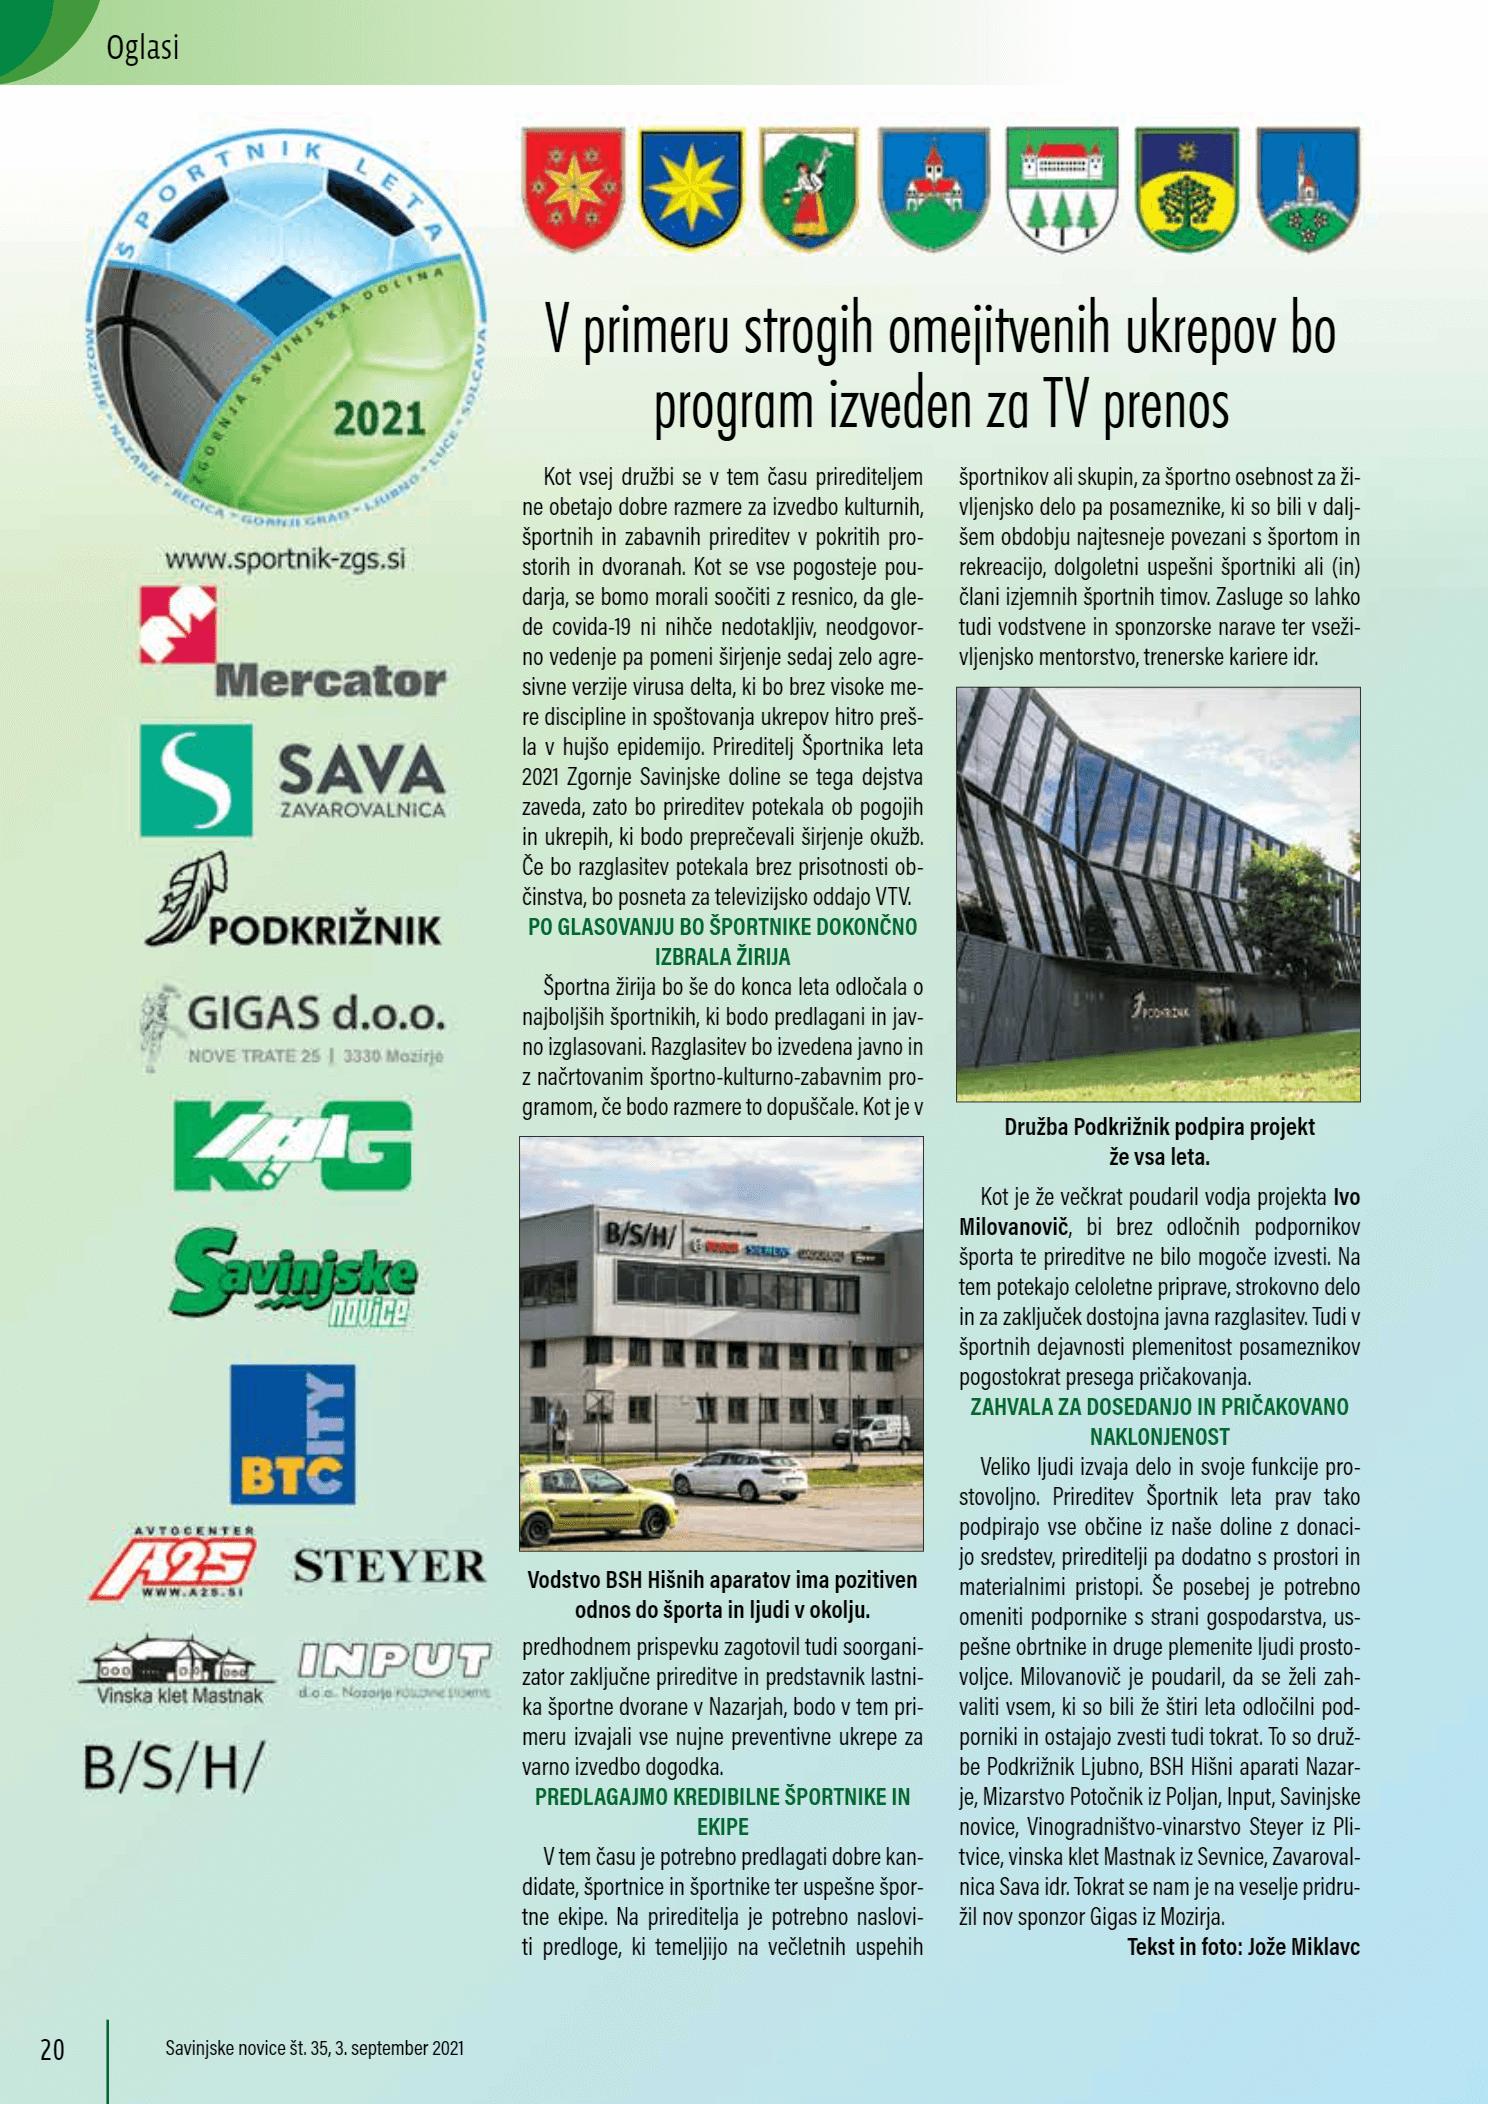 savinjske-35-20210903